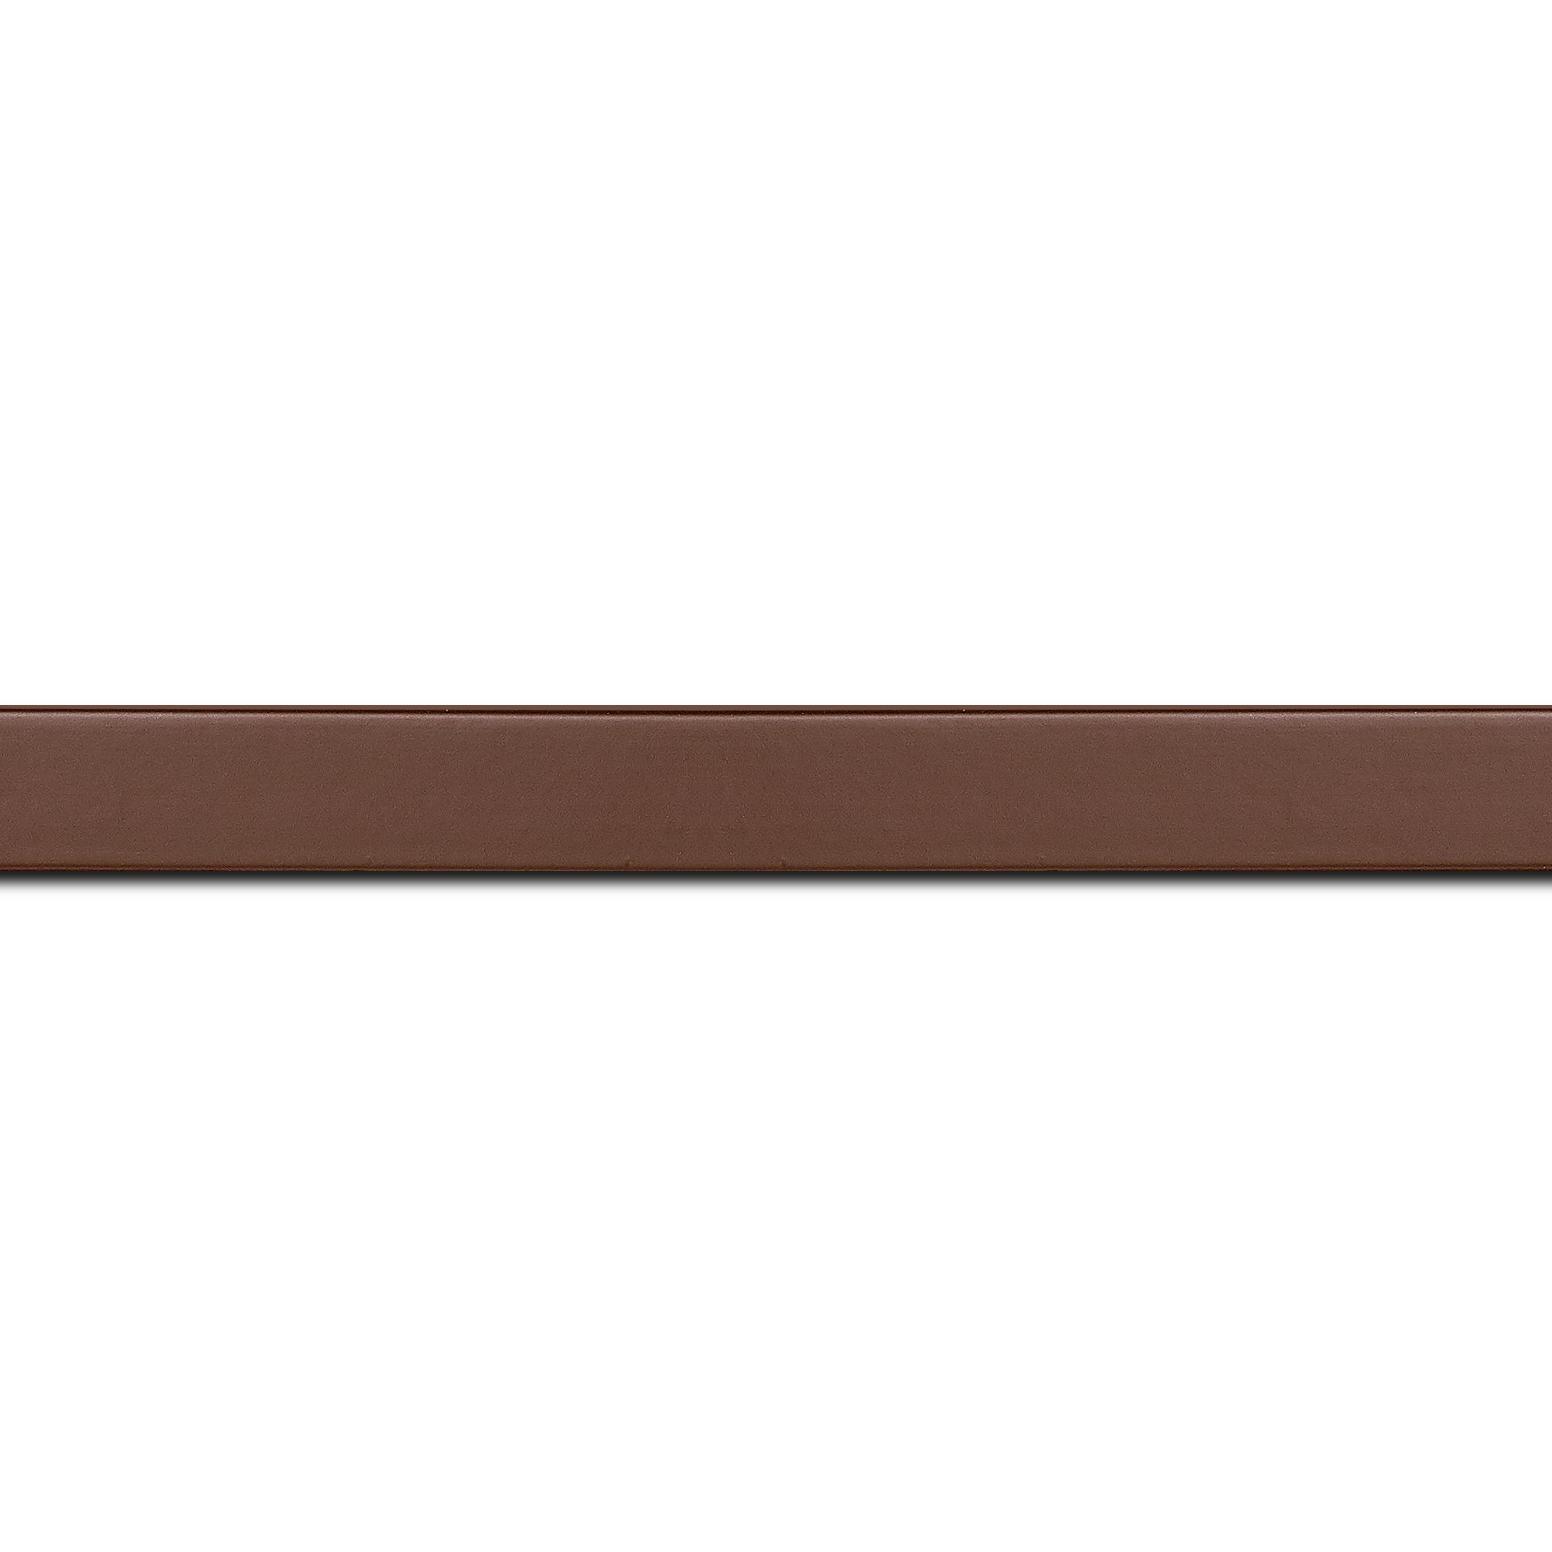 Pack par 12m, bois profil plat effet cube largeur 1.7cm couleur chocolat satiné (longueur baguette pouvant varier entre 2.40m et 3m selon arrivage des bois)